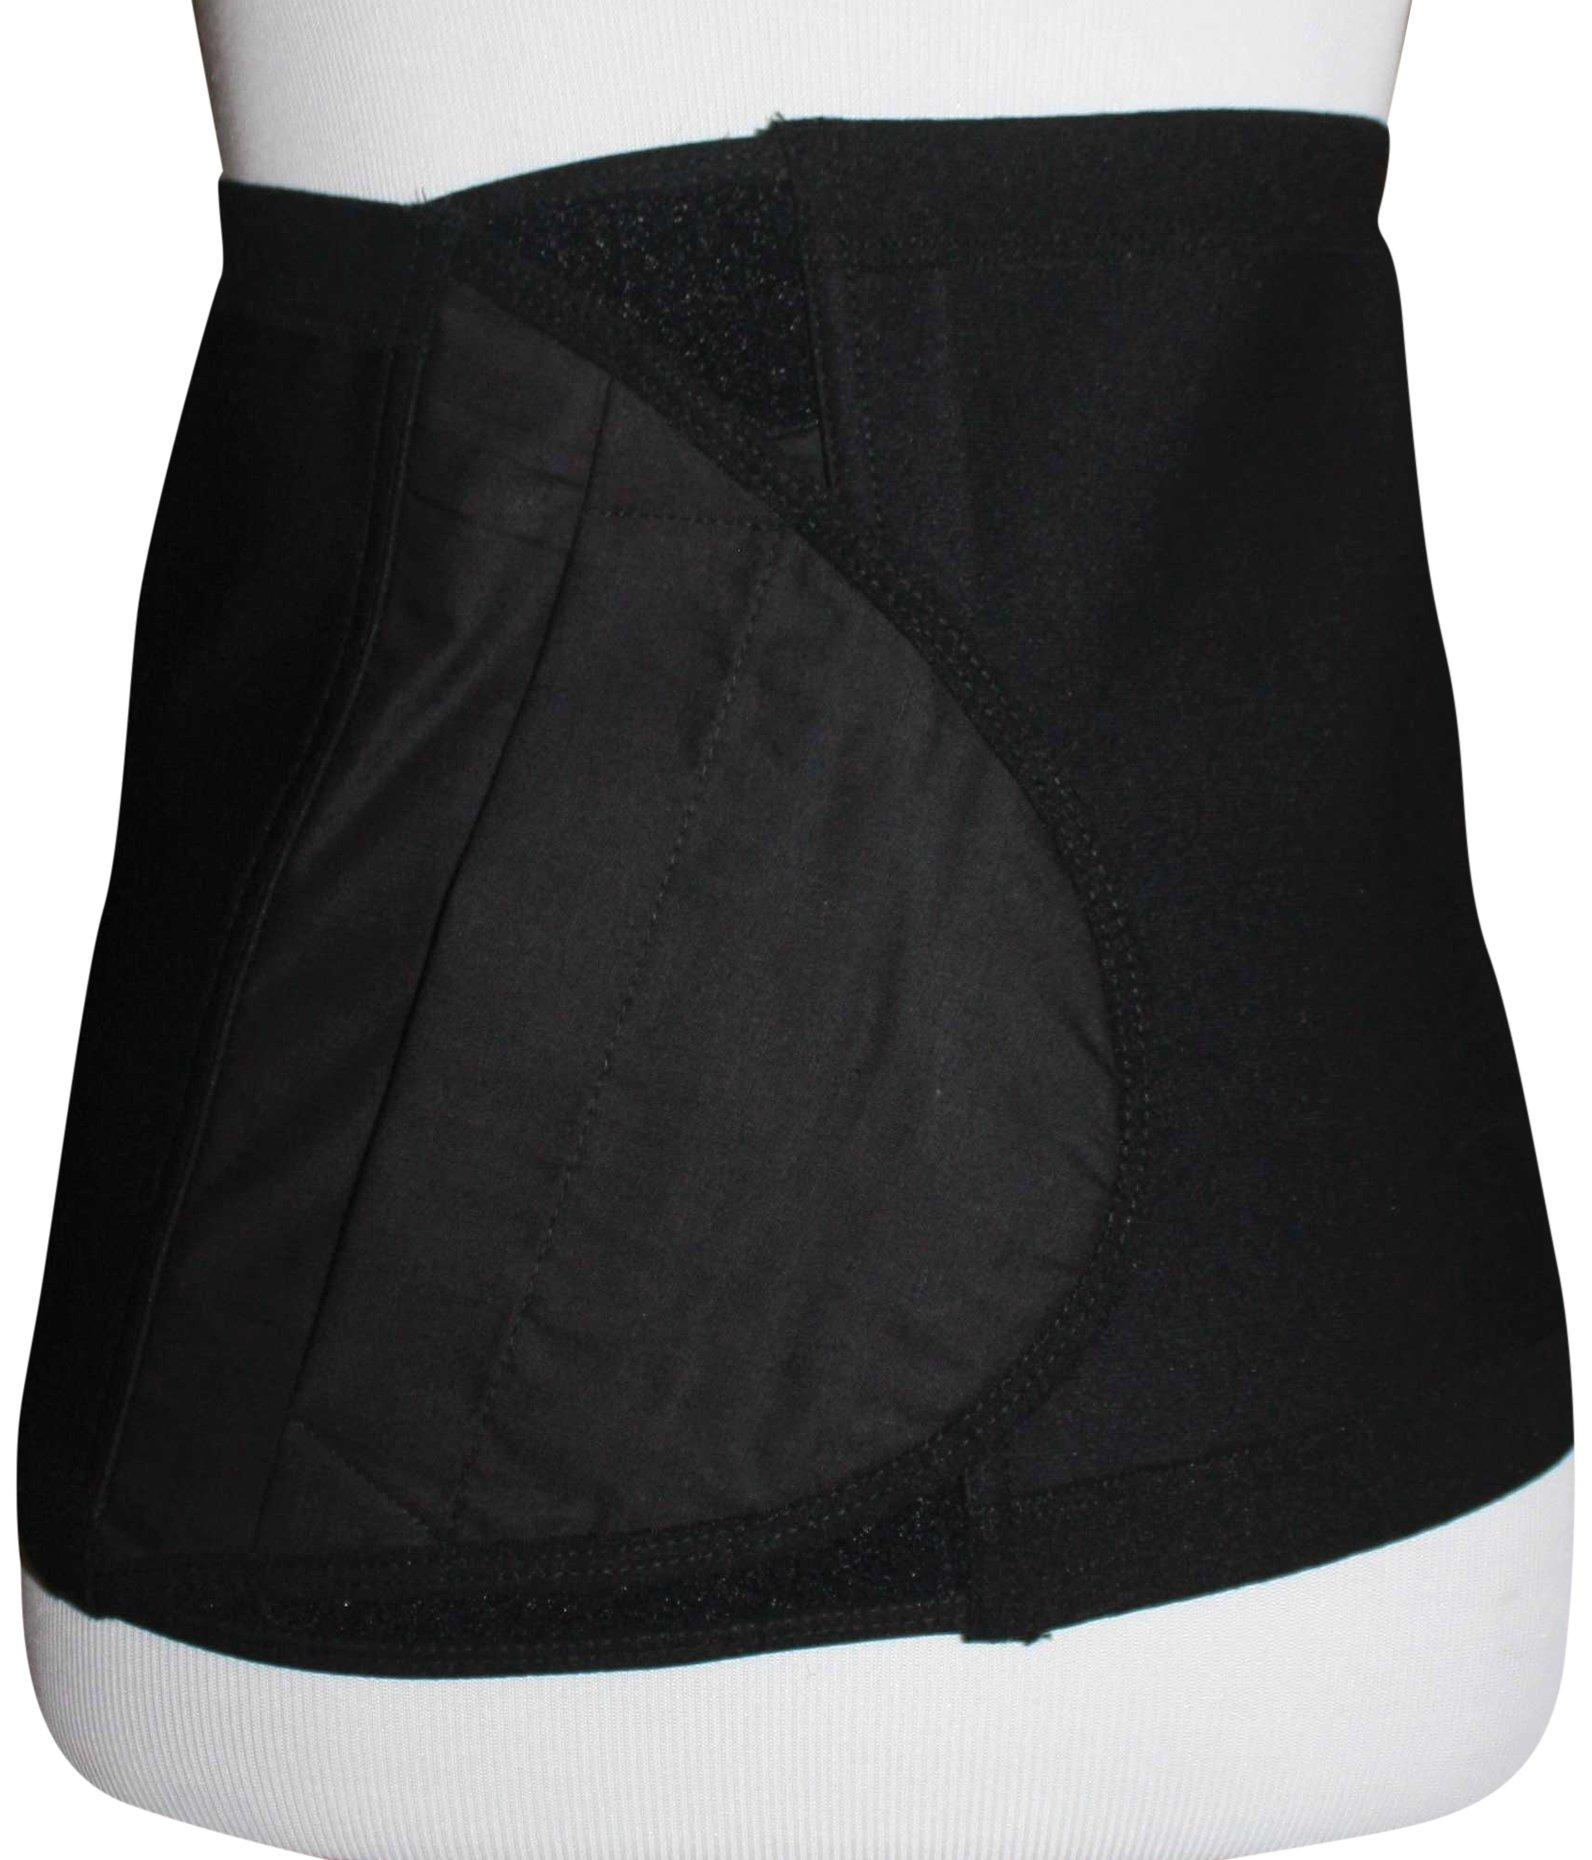 Safe n' Simple Hernia Support Belt, 20cm, Black, Large